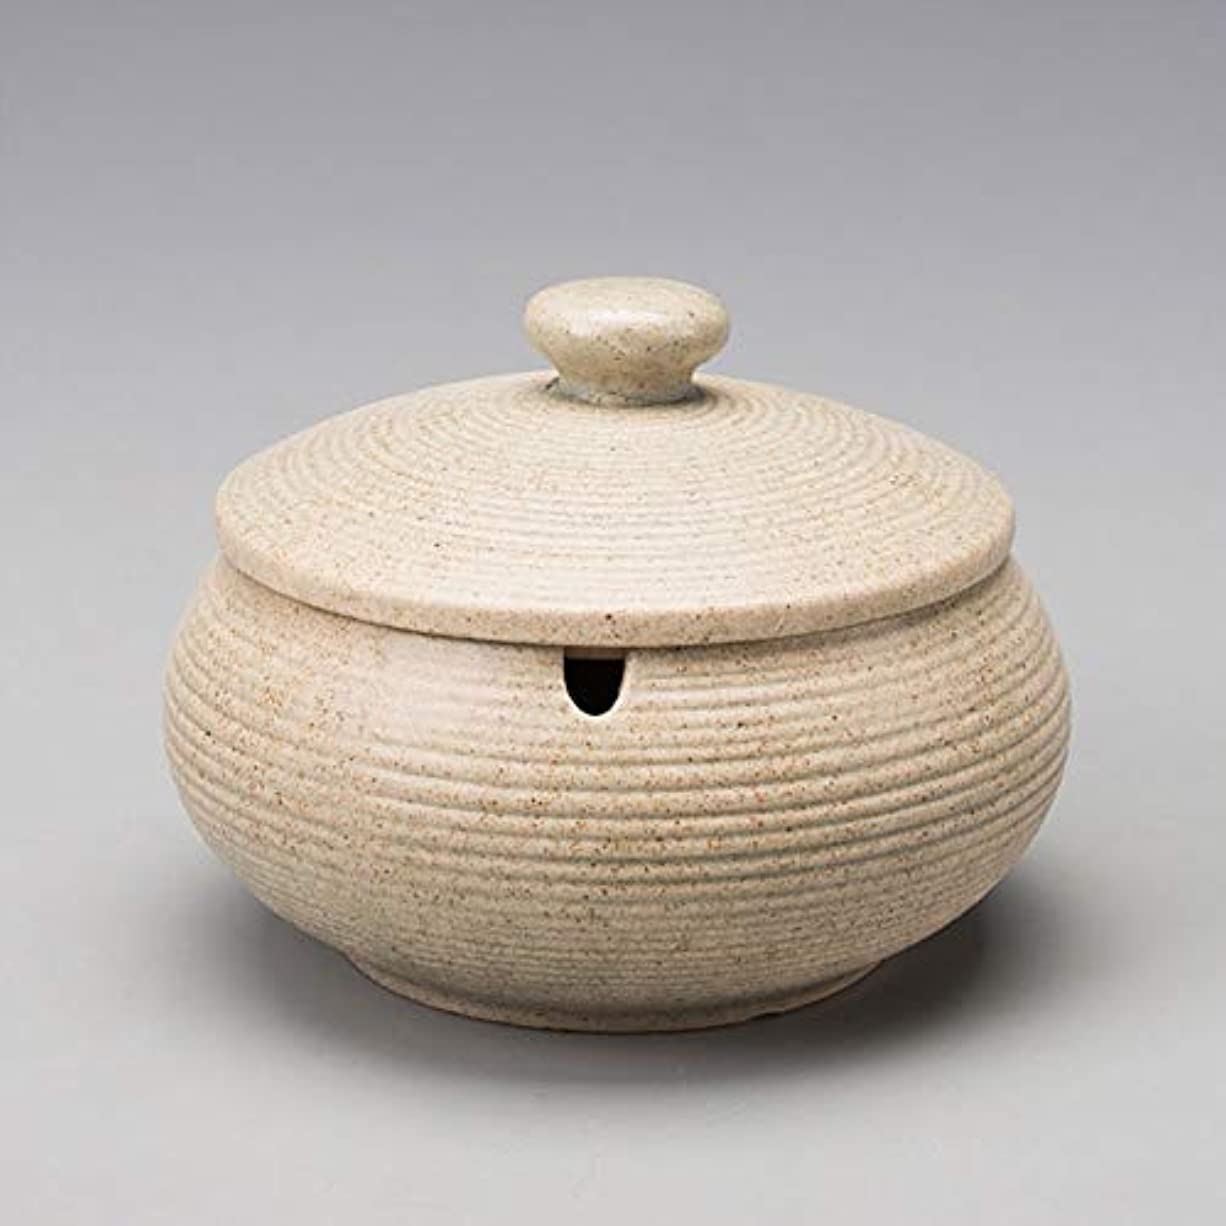 認証言うダイジェストふたの家の装飾とタバコの創造的な灰皿のための灰皿